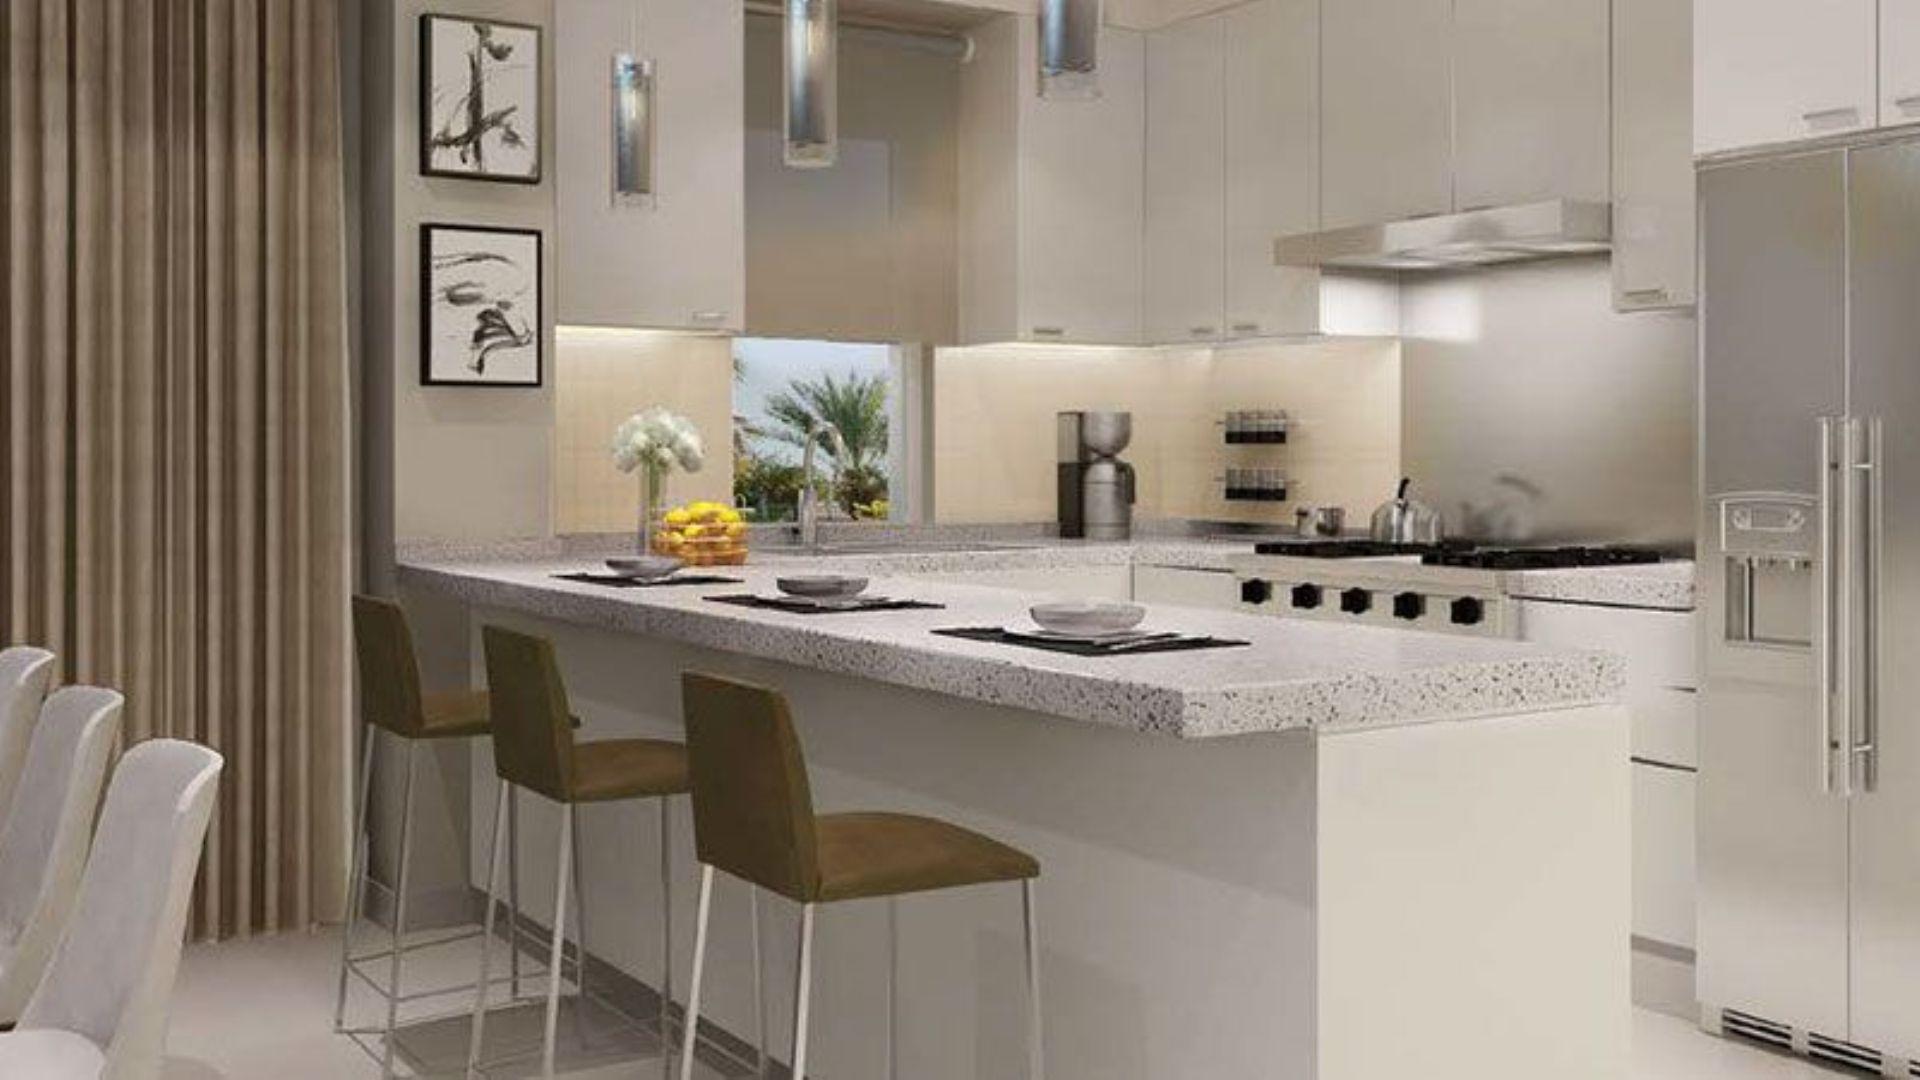 Adosado en venta en Dubai, EAU, 3 dormitorios, 223 m2, № 24374 – foto 4